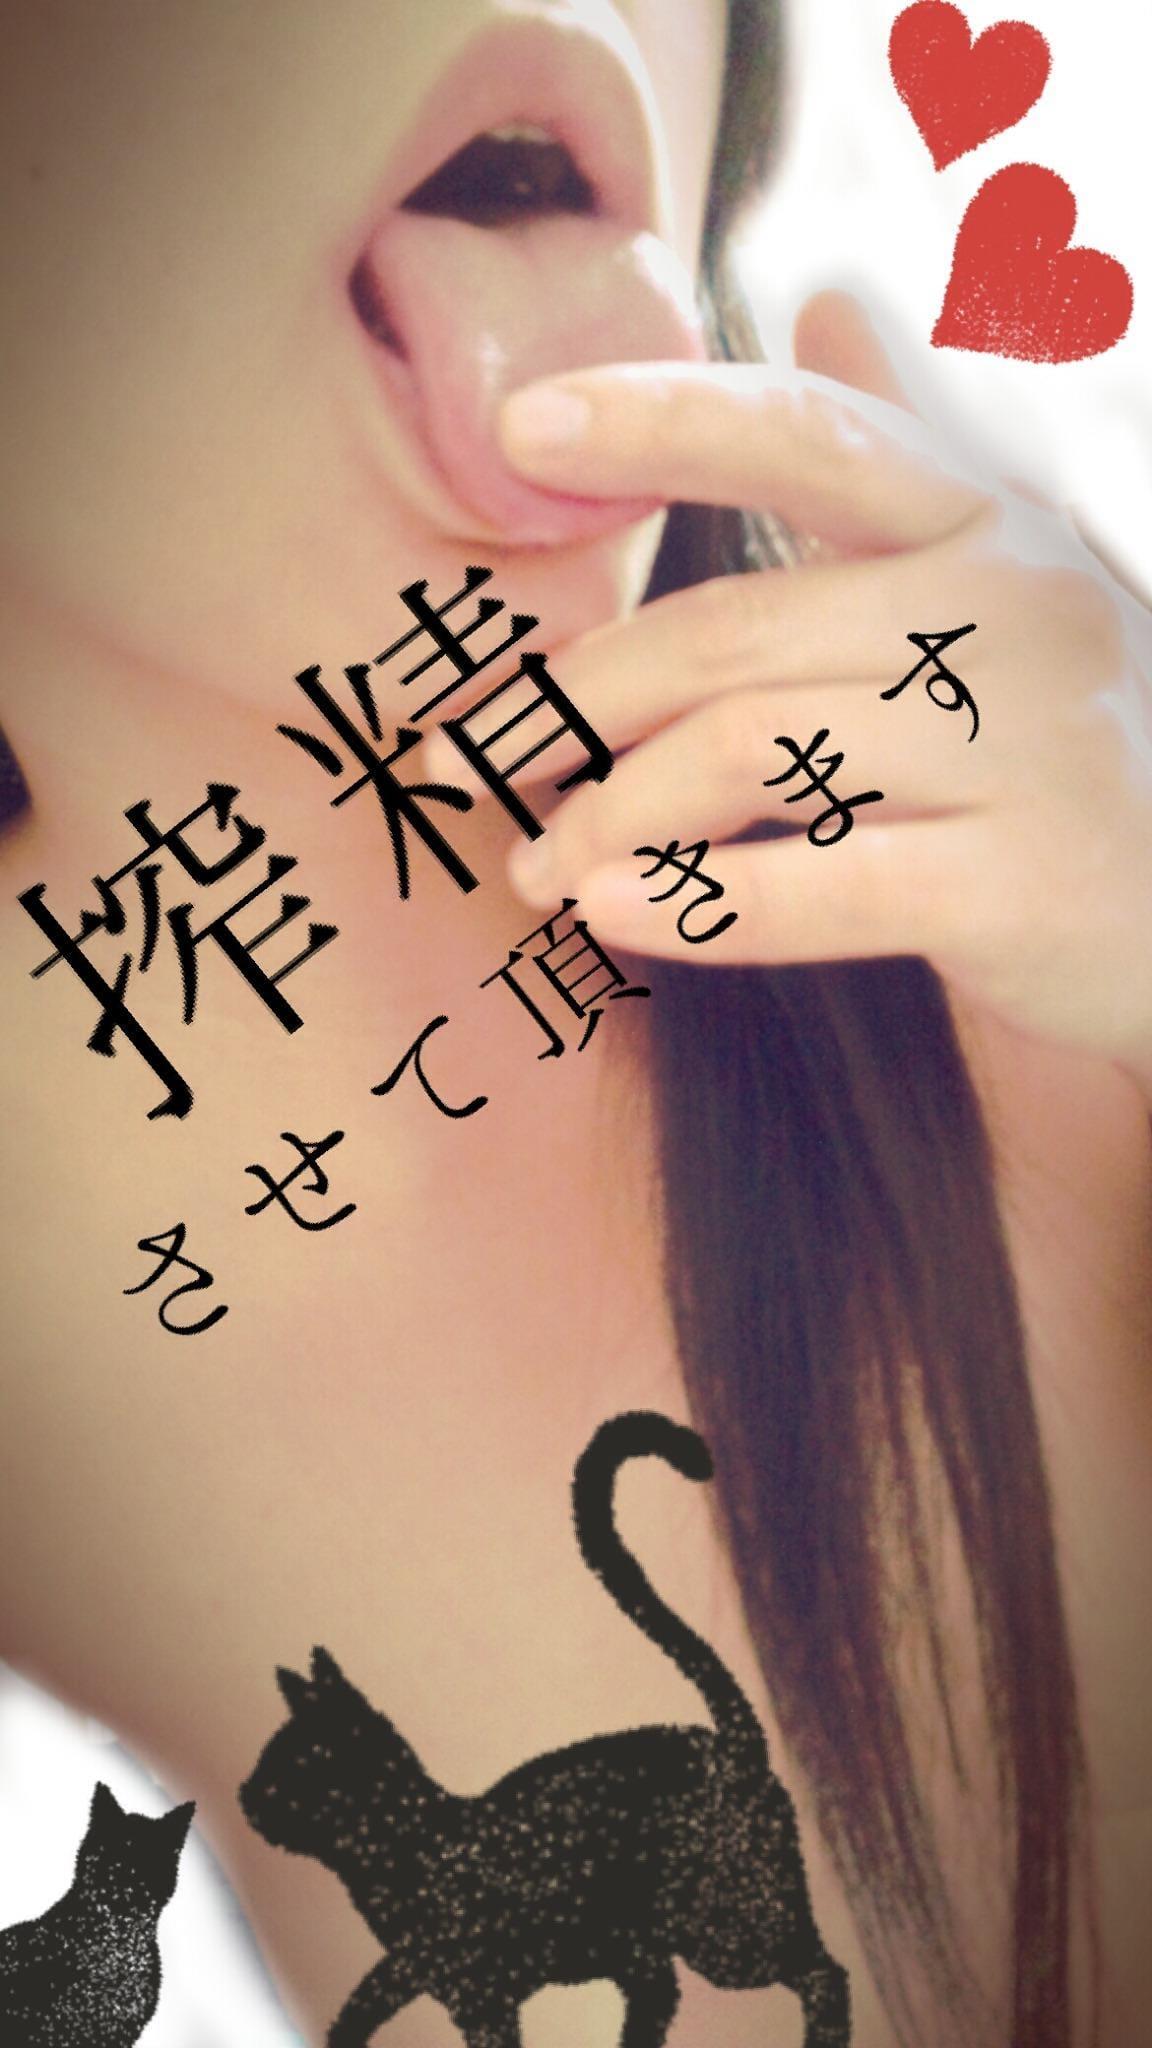 「フォトギャラリー」08/14(08/14) 10:46 | 萌絵の写メ・風俗動画